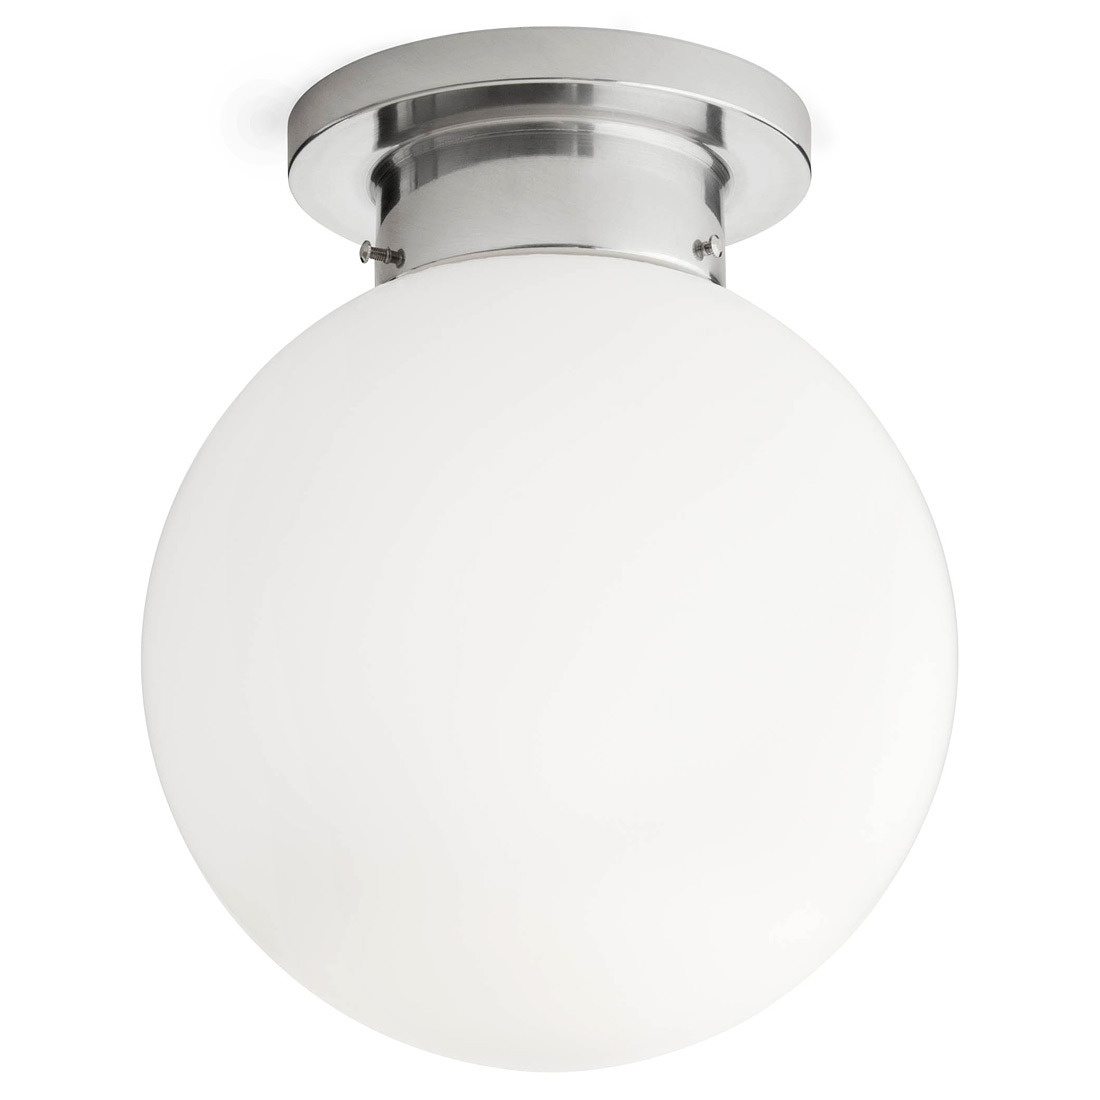 Bild 1: Die Kugel Deckenlampe Ist Gut Geeignet Für Die Beleuchtung Von  Bädern, Dielen, Fluren, Treppenhäusern Usw. (mittleres Modell Mit Ø 25 Cm)